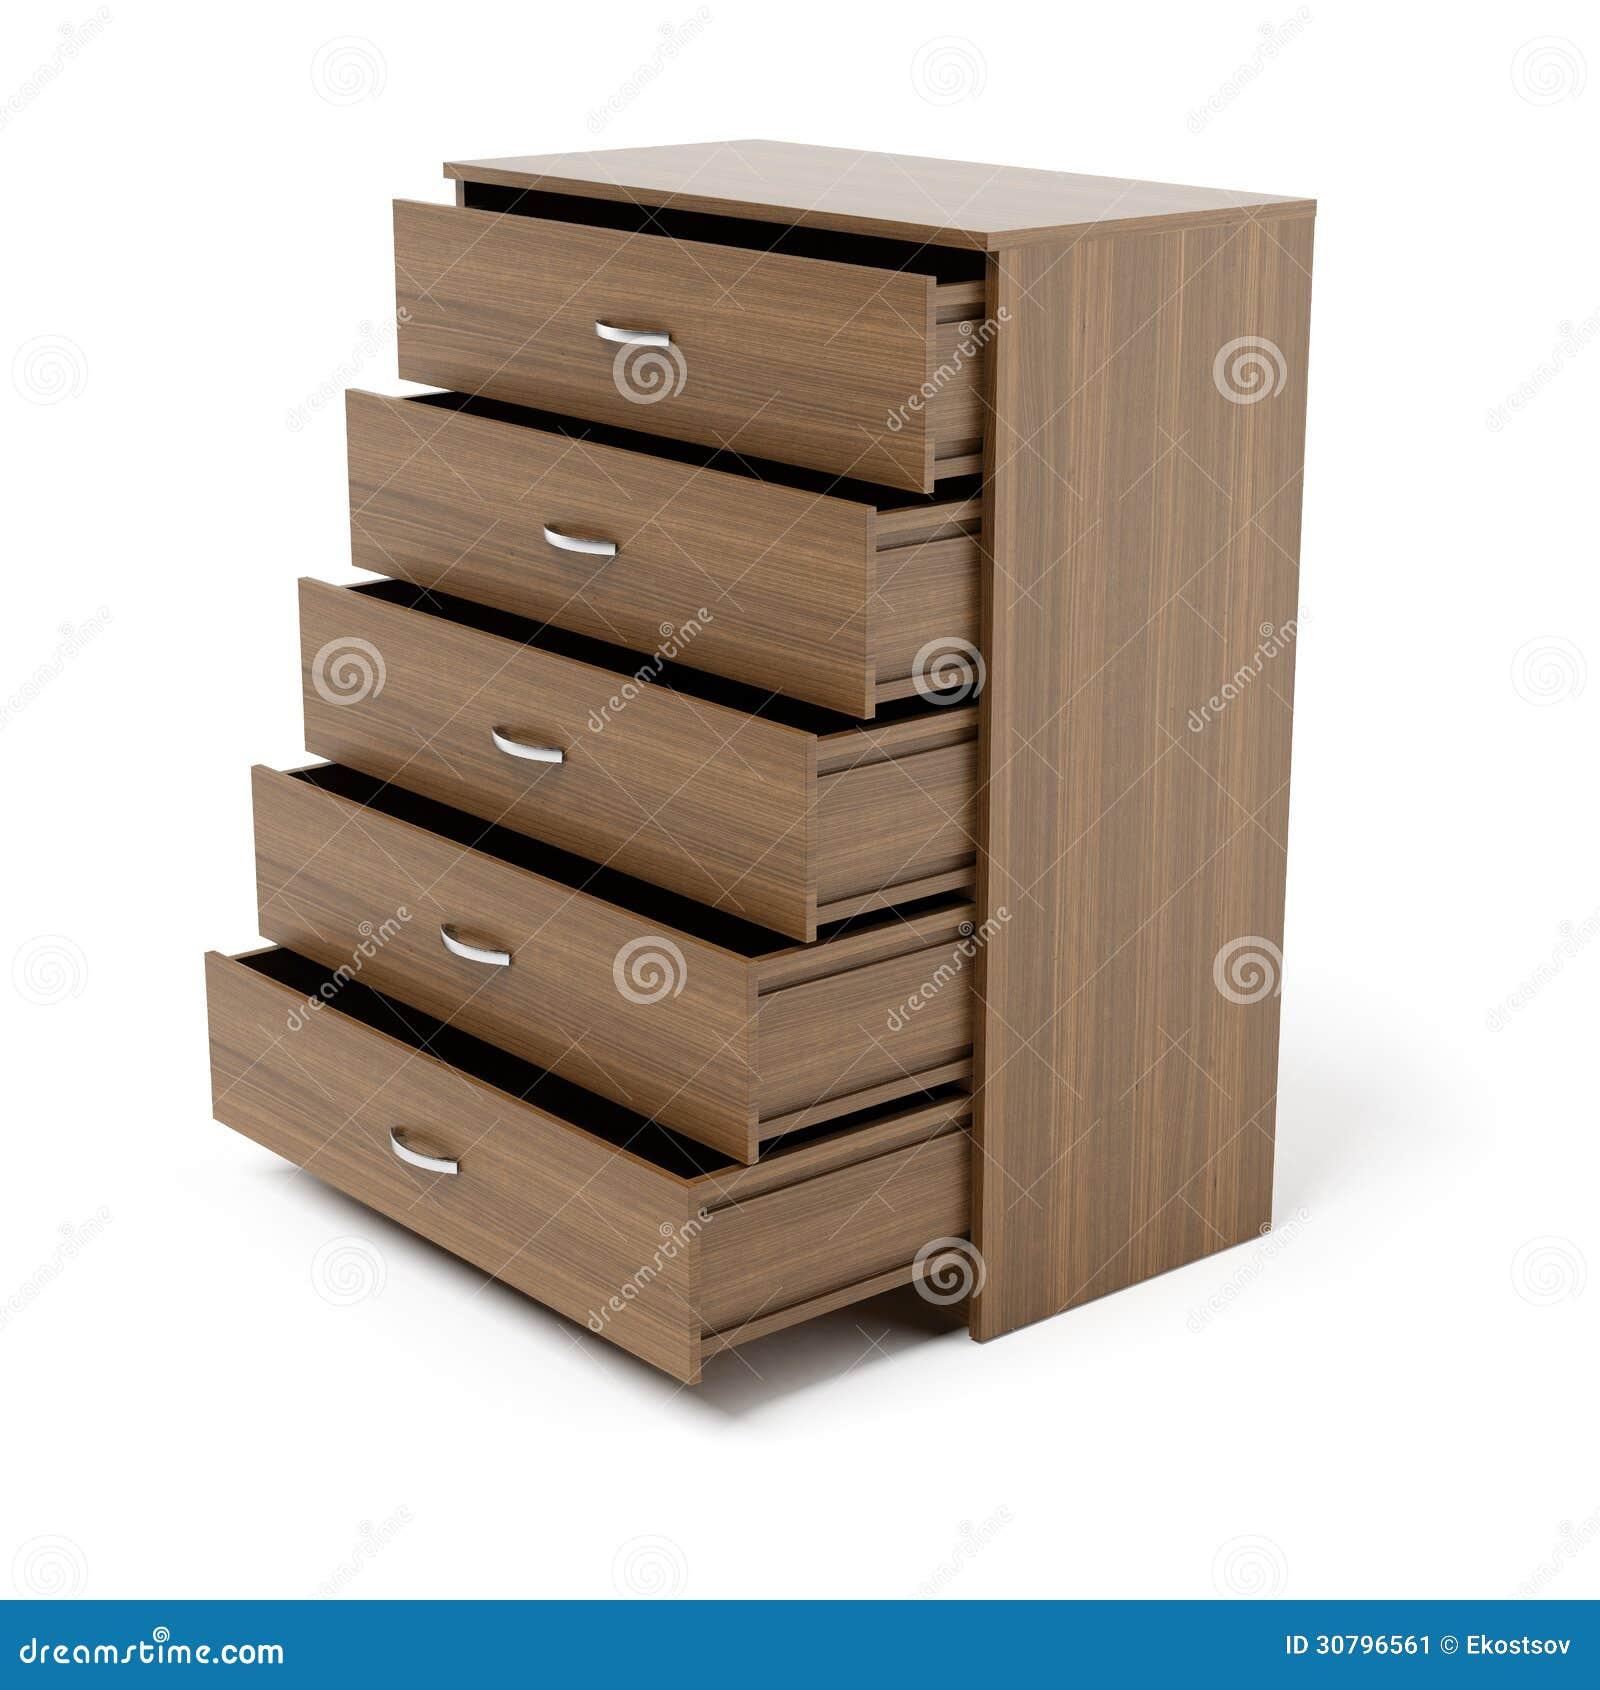 thumbs.dreamstime.com/z/tiroirs-ouverts-de-coffret-en-bois-30796561.jpg